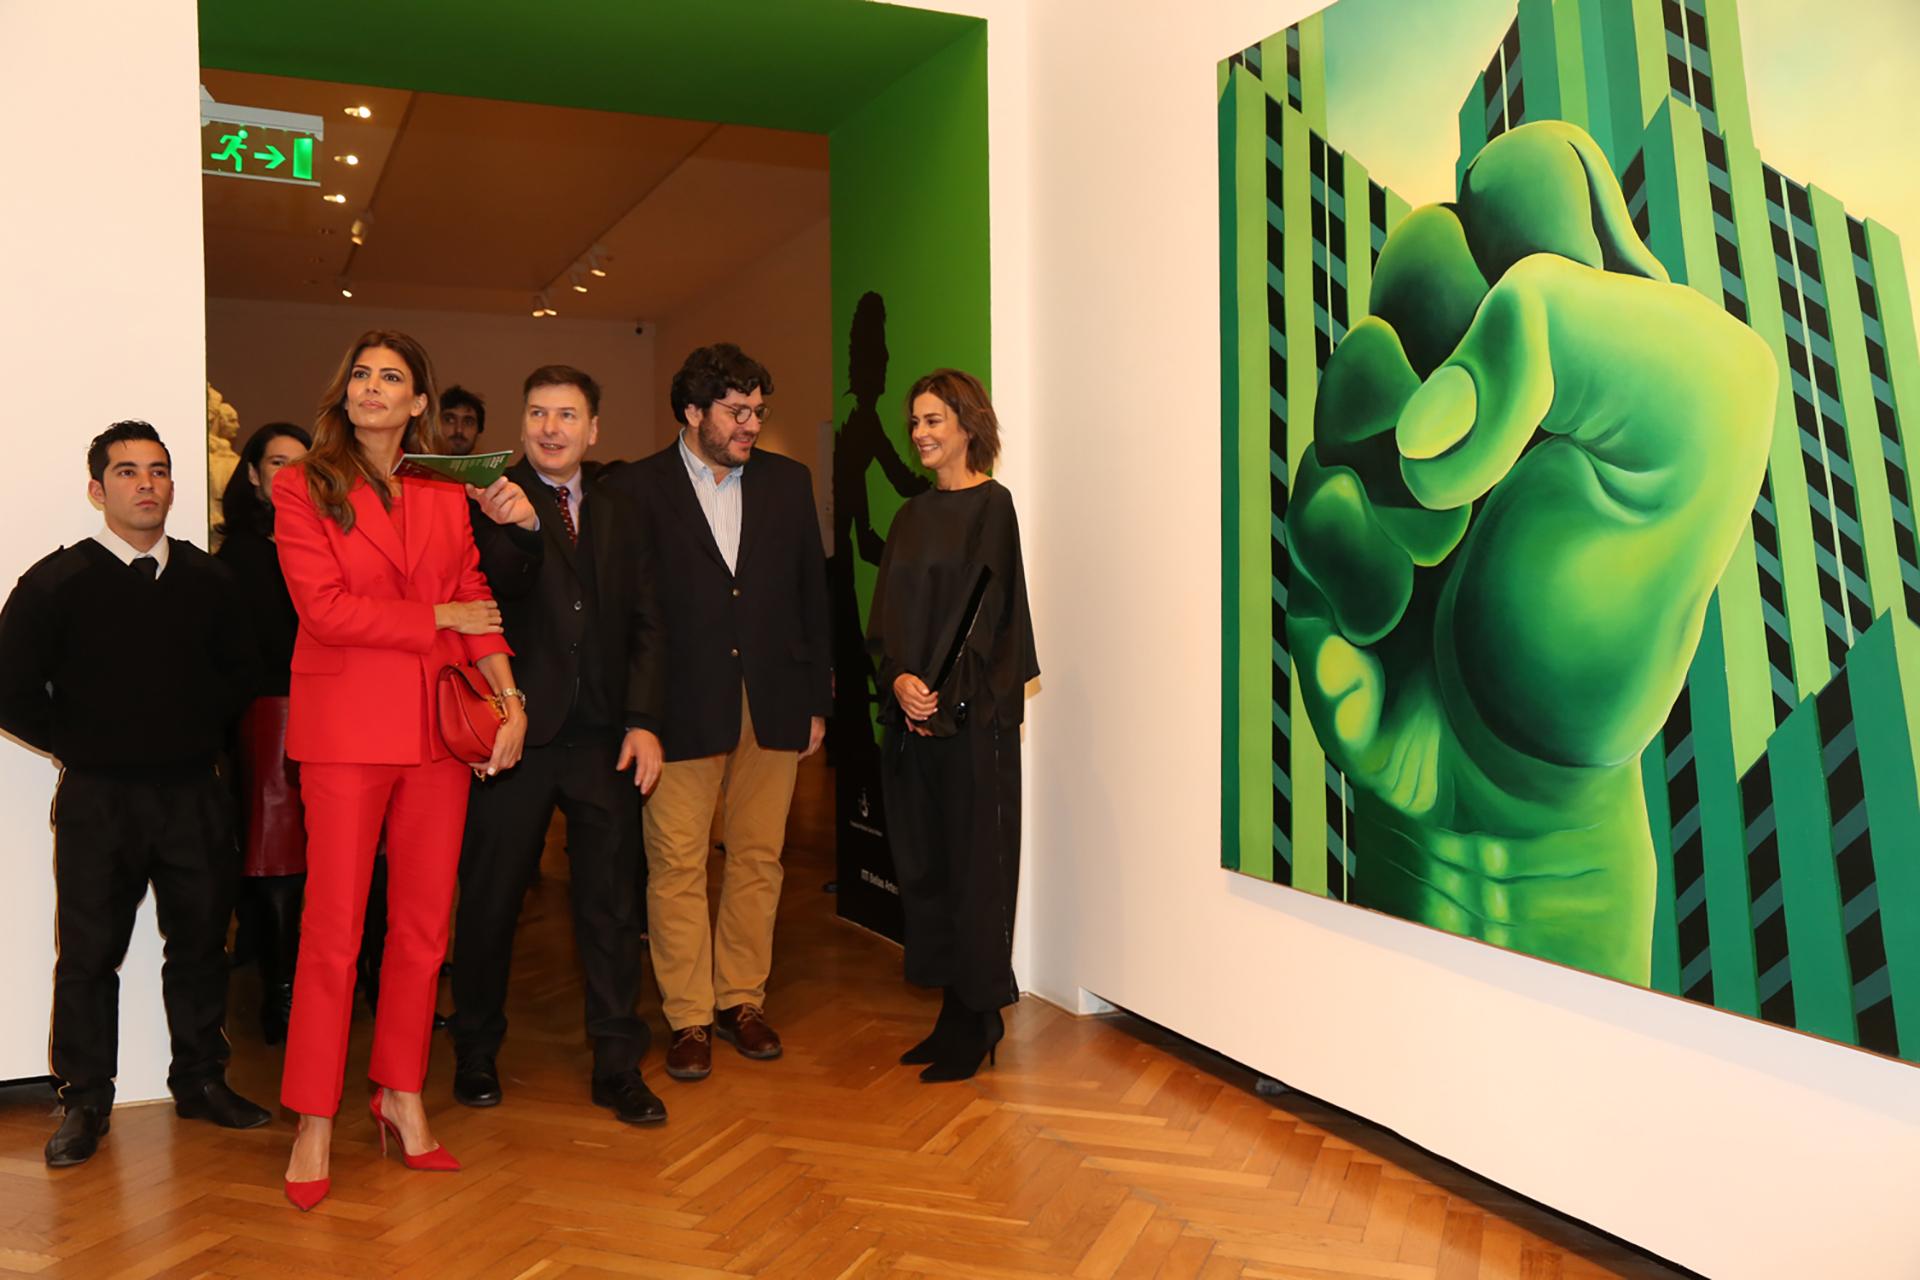 Recorriendo la muestra: Juliana Awada y Andrés Duprat, director del Museo Nacional de Bellas Artes, junto al ministro de Cultura, Pablo Avelluto, y Azul García Uriburu